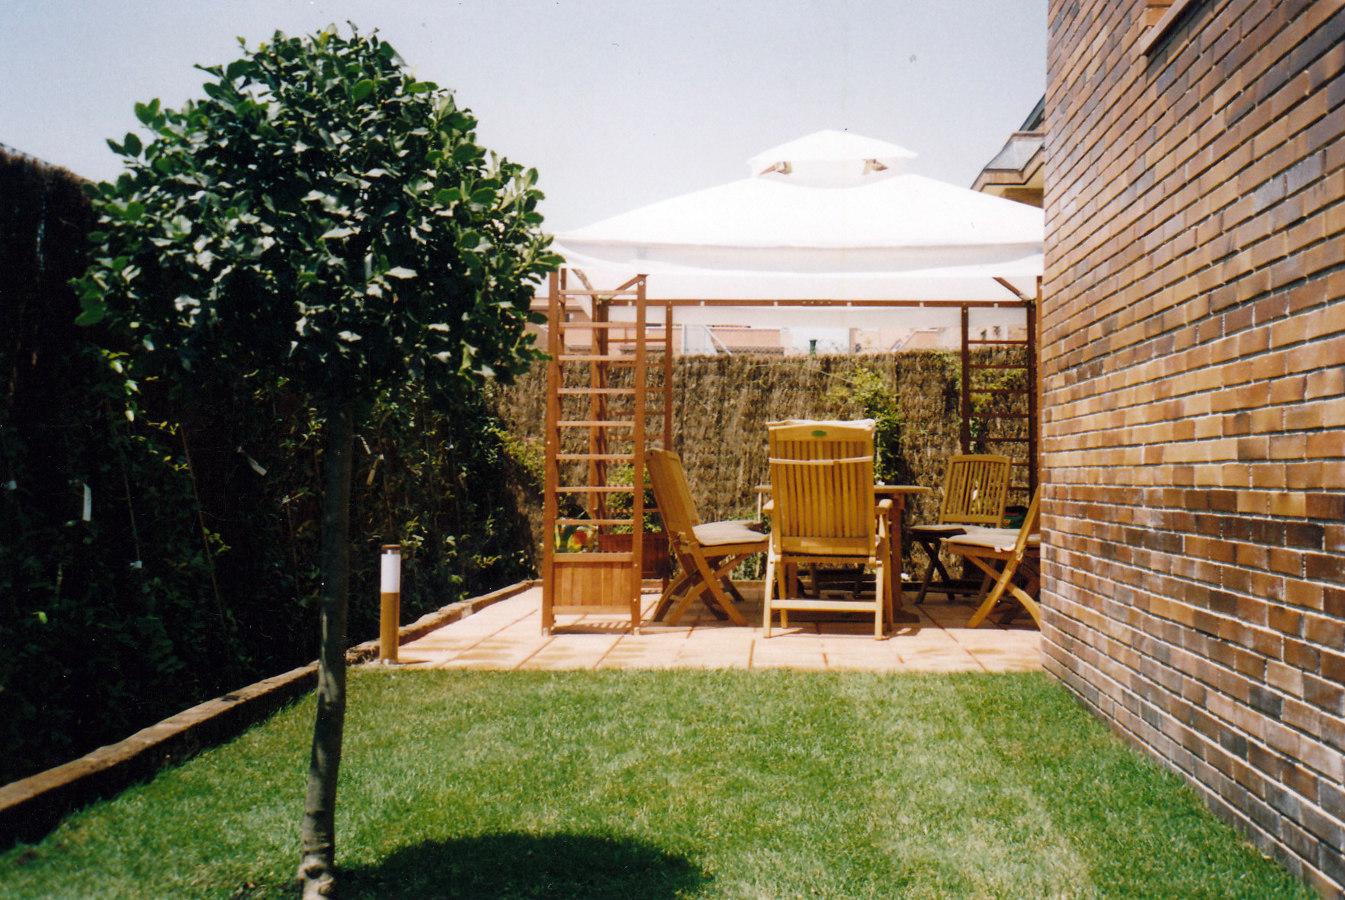 Foto jardin en las matas de jardines paco s l 210059 for Matas de jardin